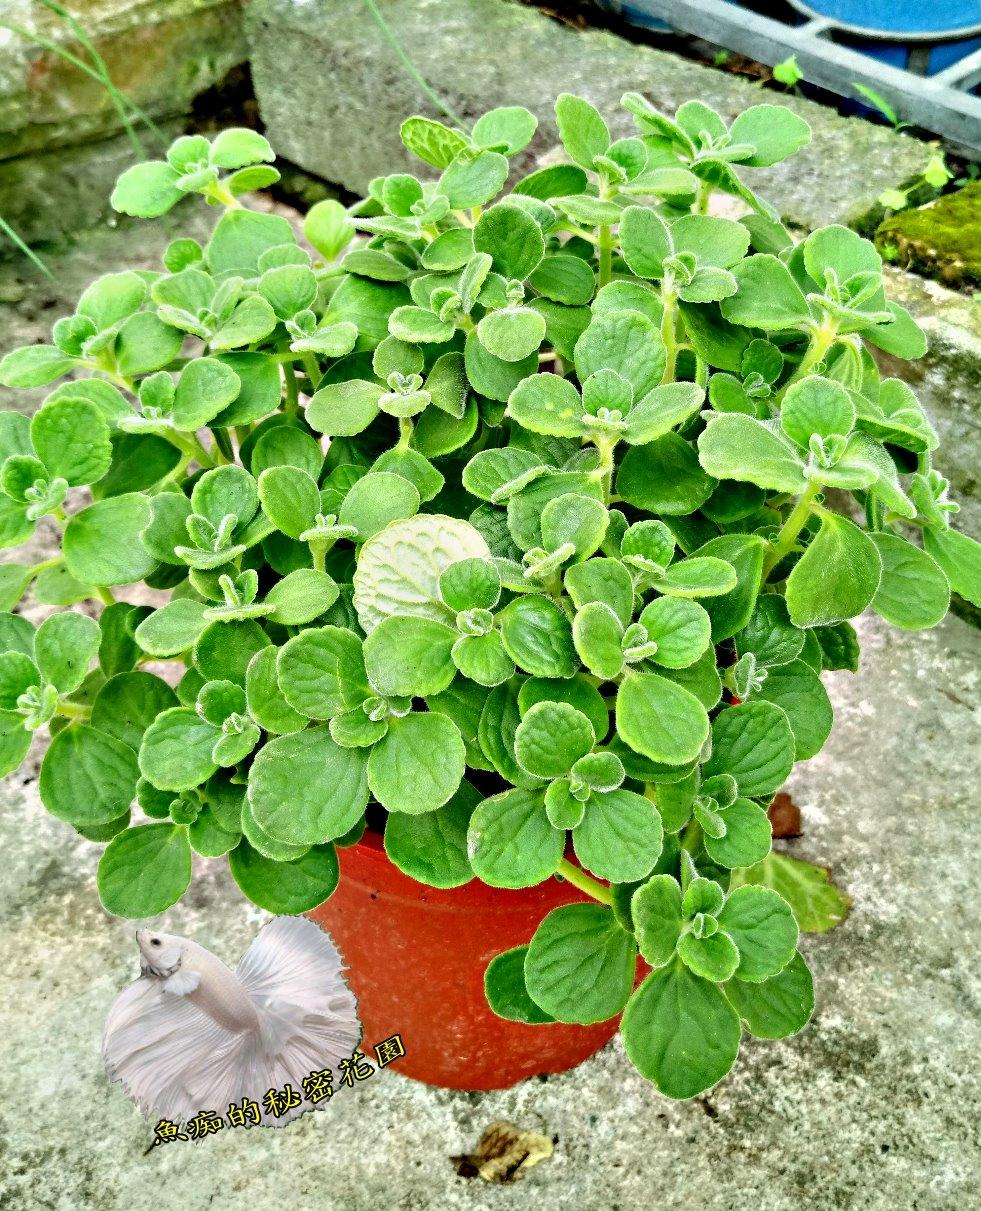 大葉左手香倒手香一抹香盆栽5-6吋盆香草植物藥用植物活體盆栽可食用可泡茶